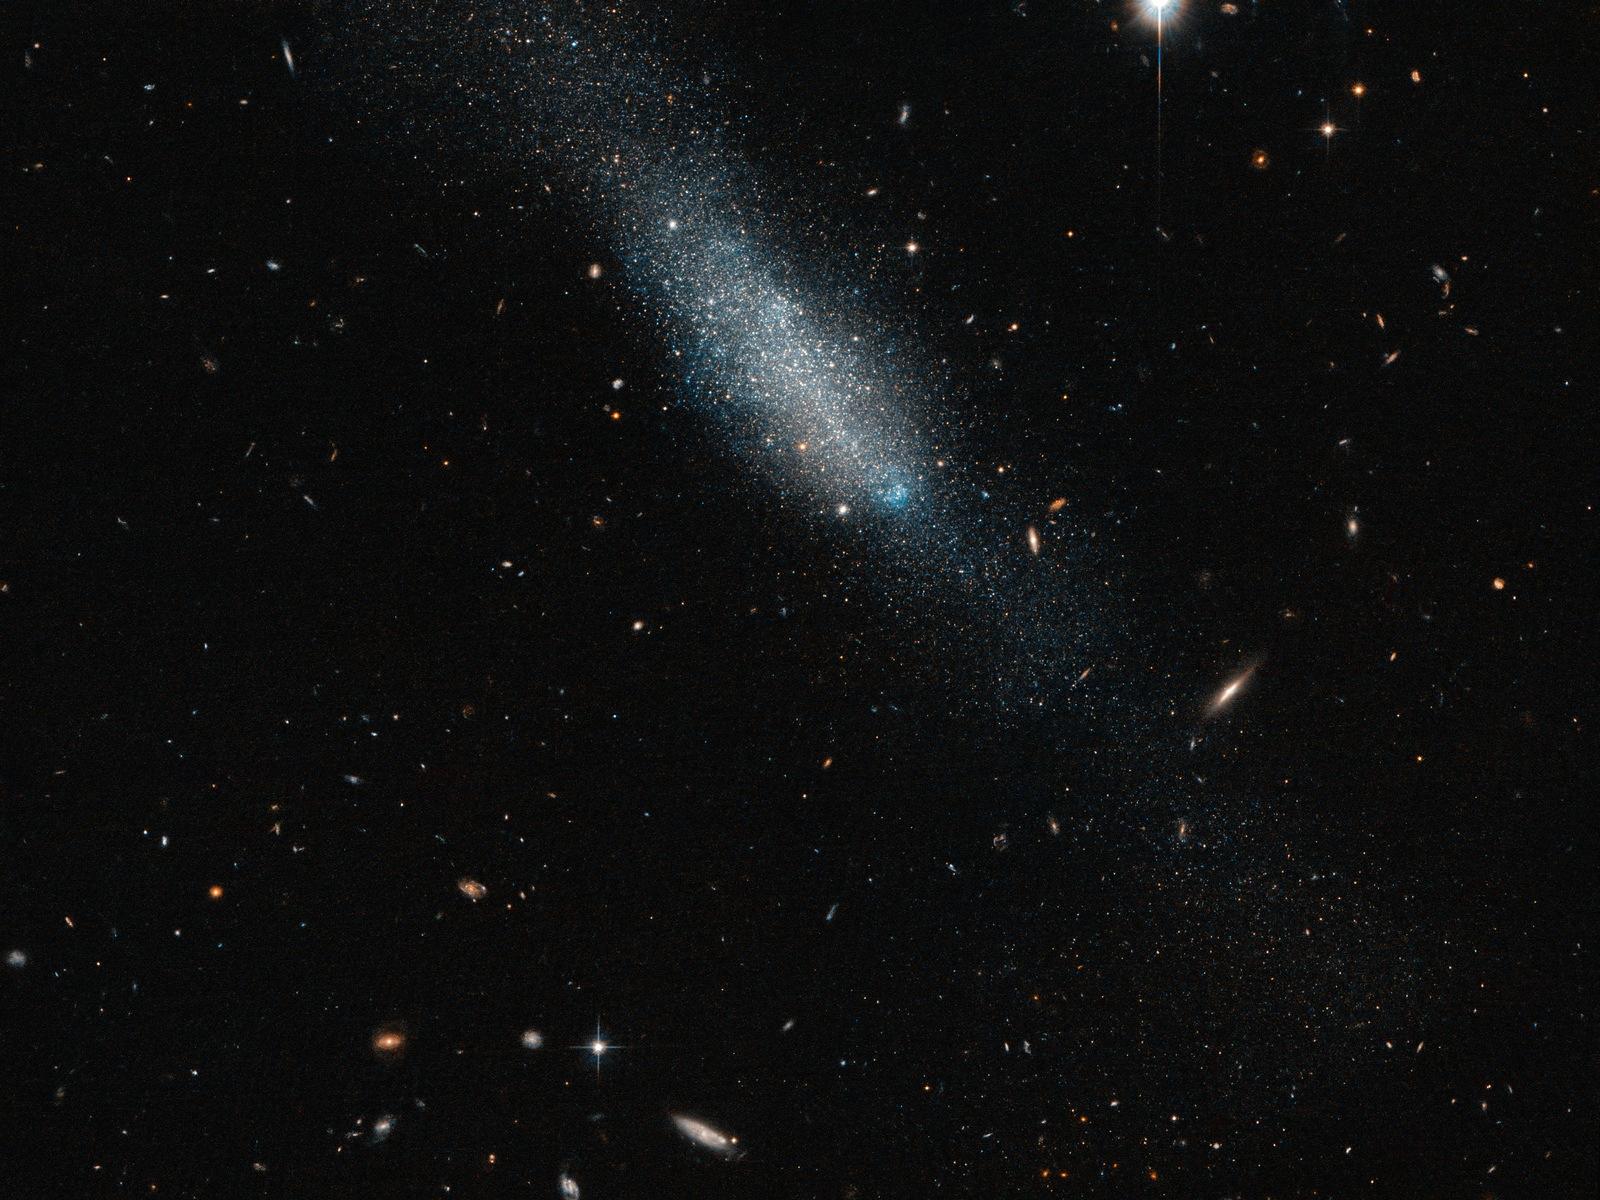 ESO-149-3